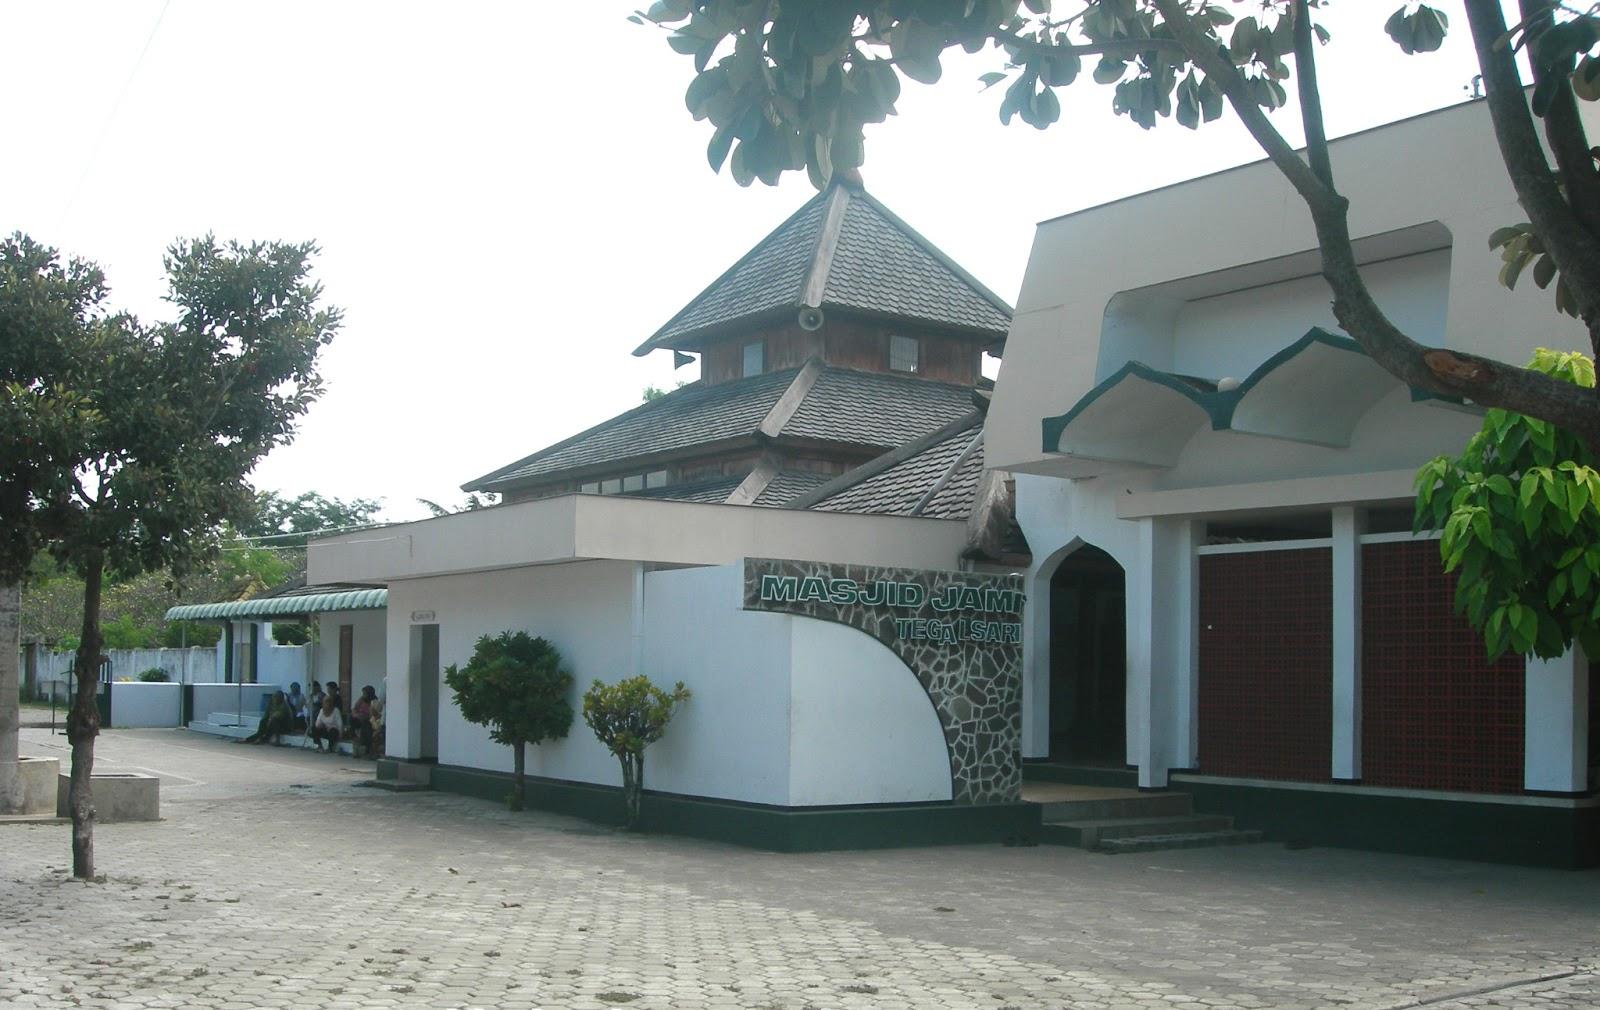 Maret 2013 Machmoud Rofi Blog Masjid Tegalsari Tampak Samping Kab